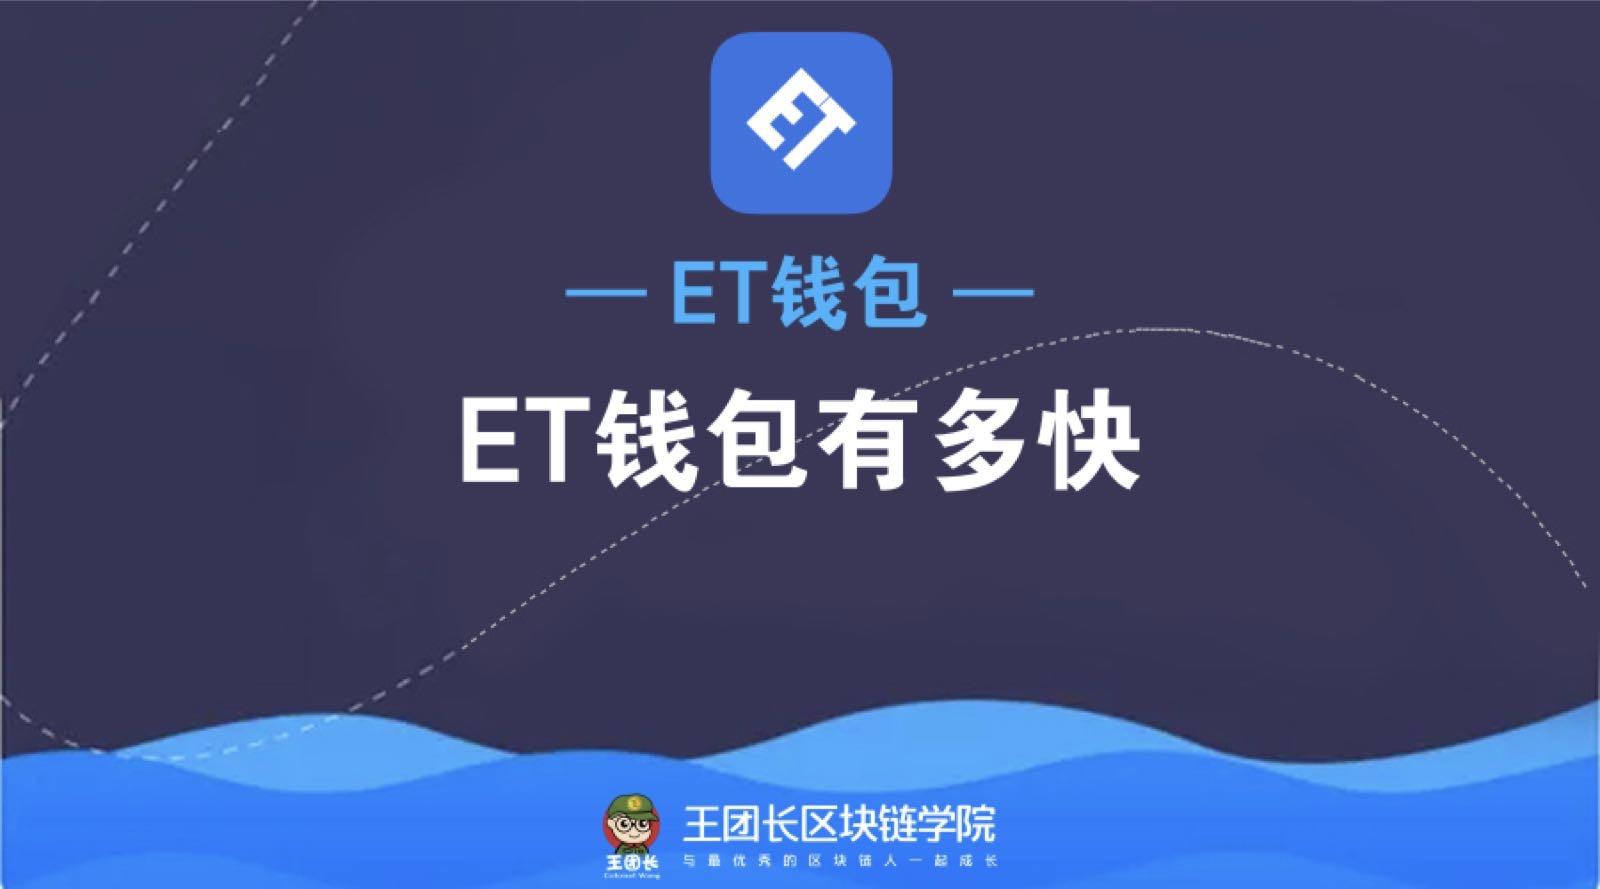 ET钱包有多快